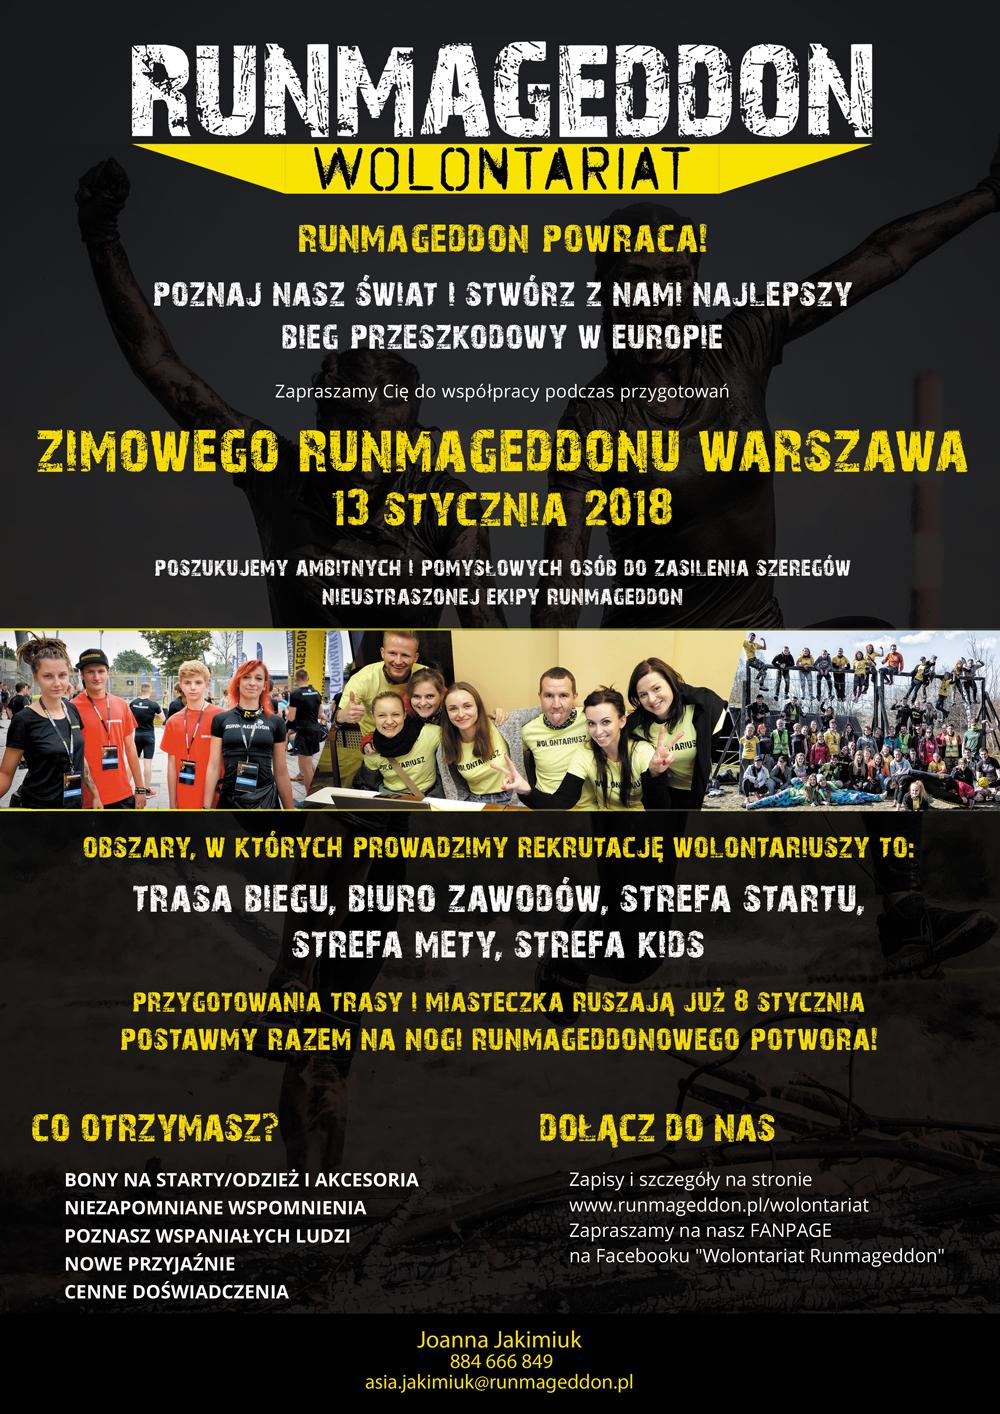 Runmageddon w Warszawie! Stwórzmy razem najlepszy bieg przeszkodowy w Europie!